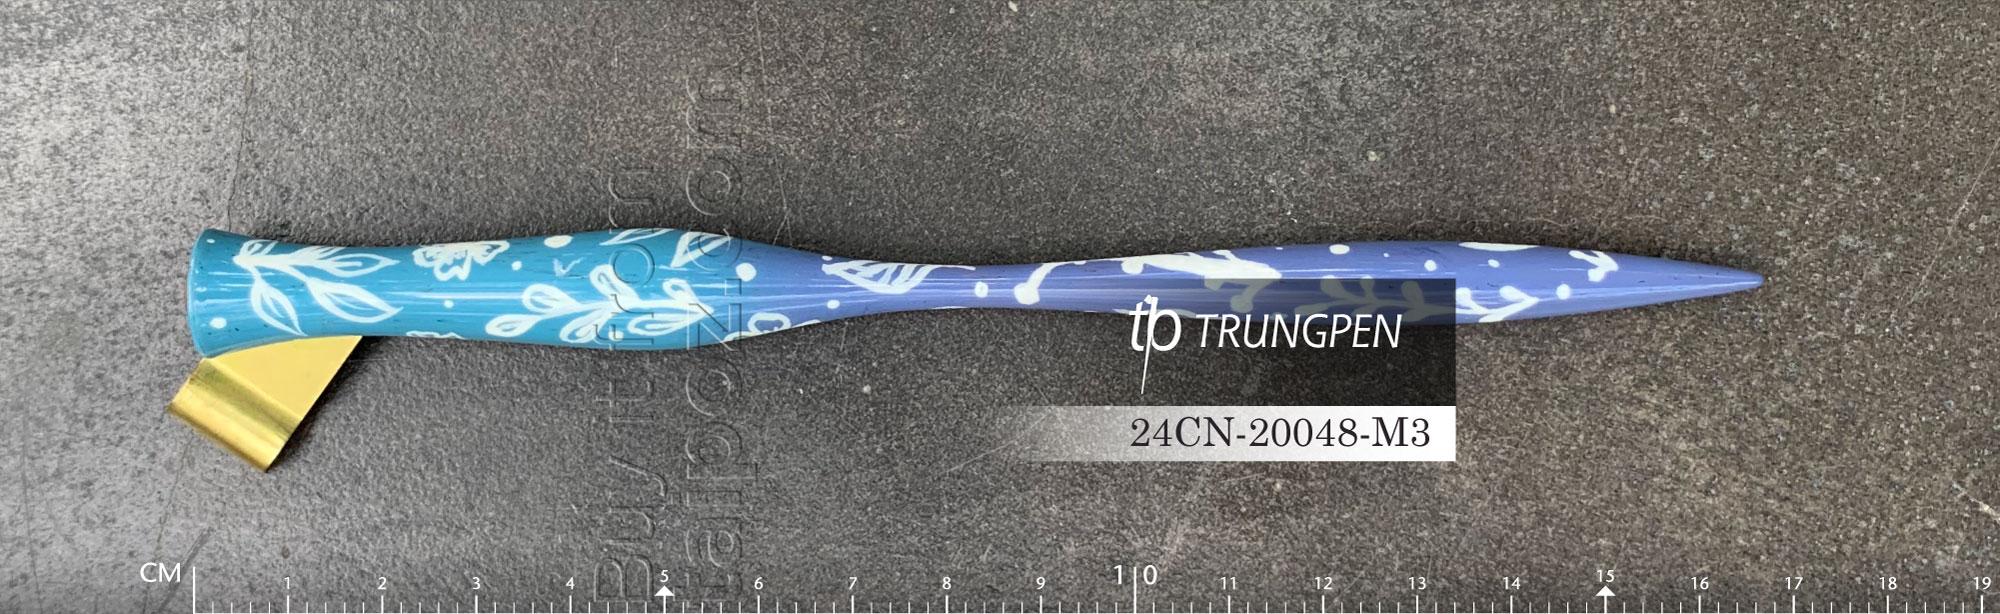 Cán bút oblique gỗ cao cấp Trung Pen – Taipoz